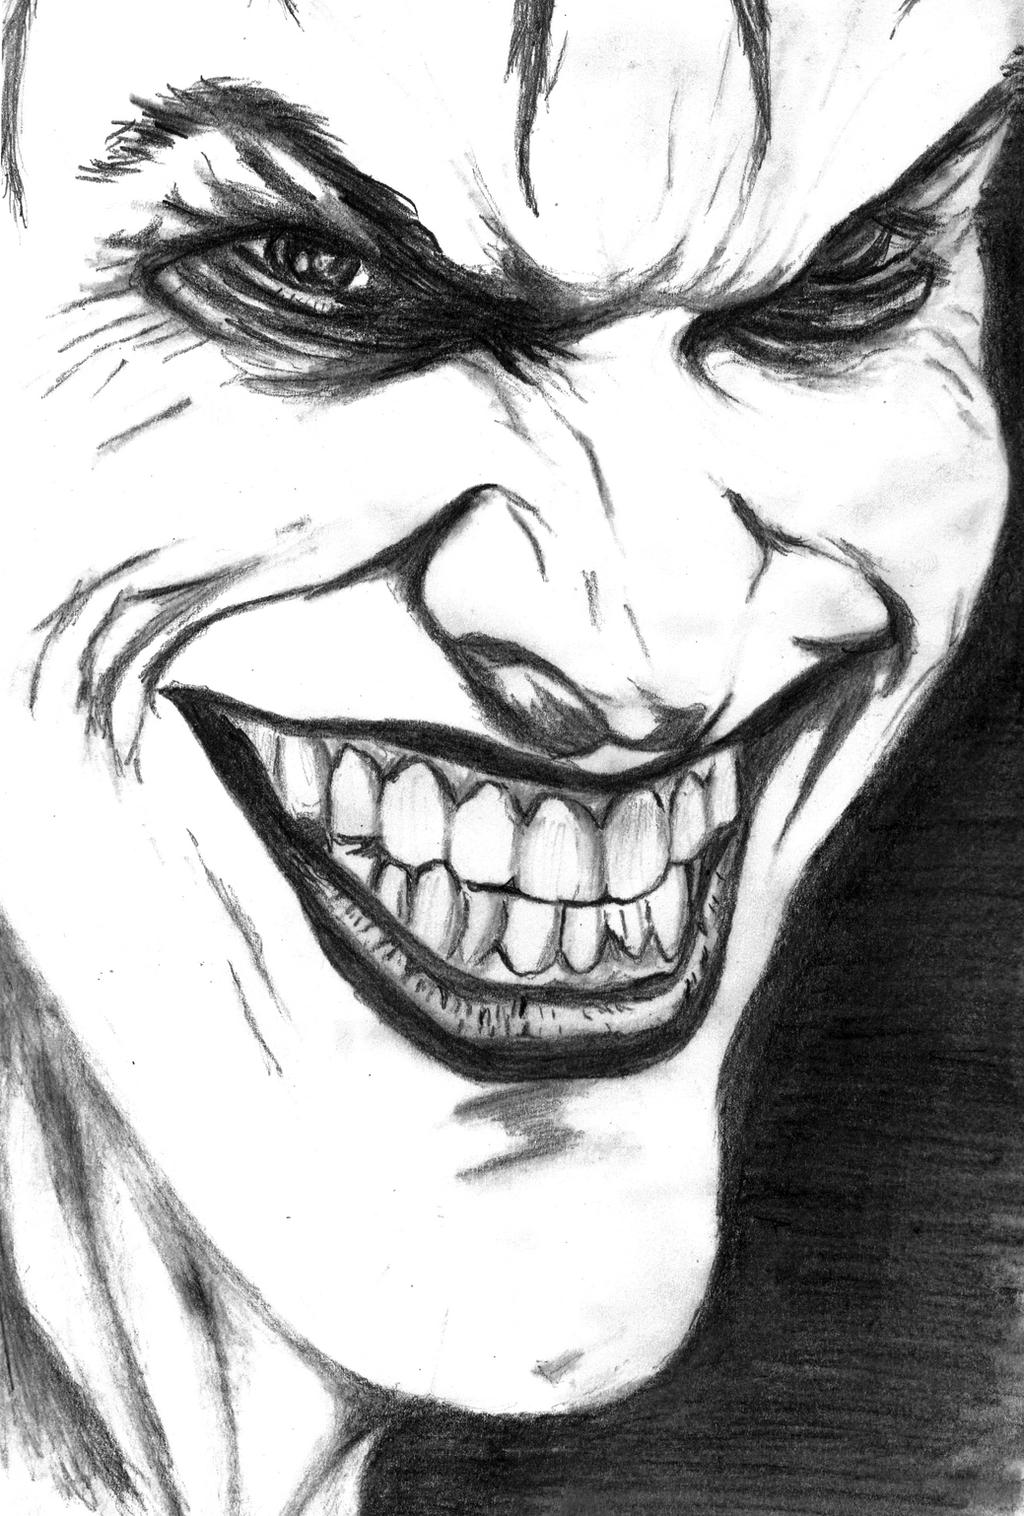 The Joker Drawing By Jopno22 On DeviantArt